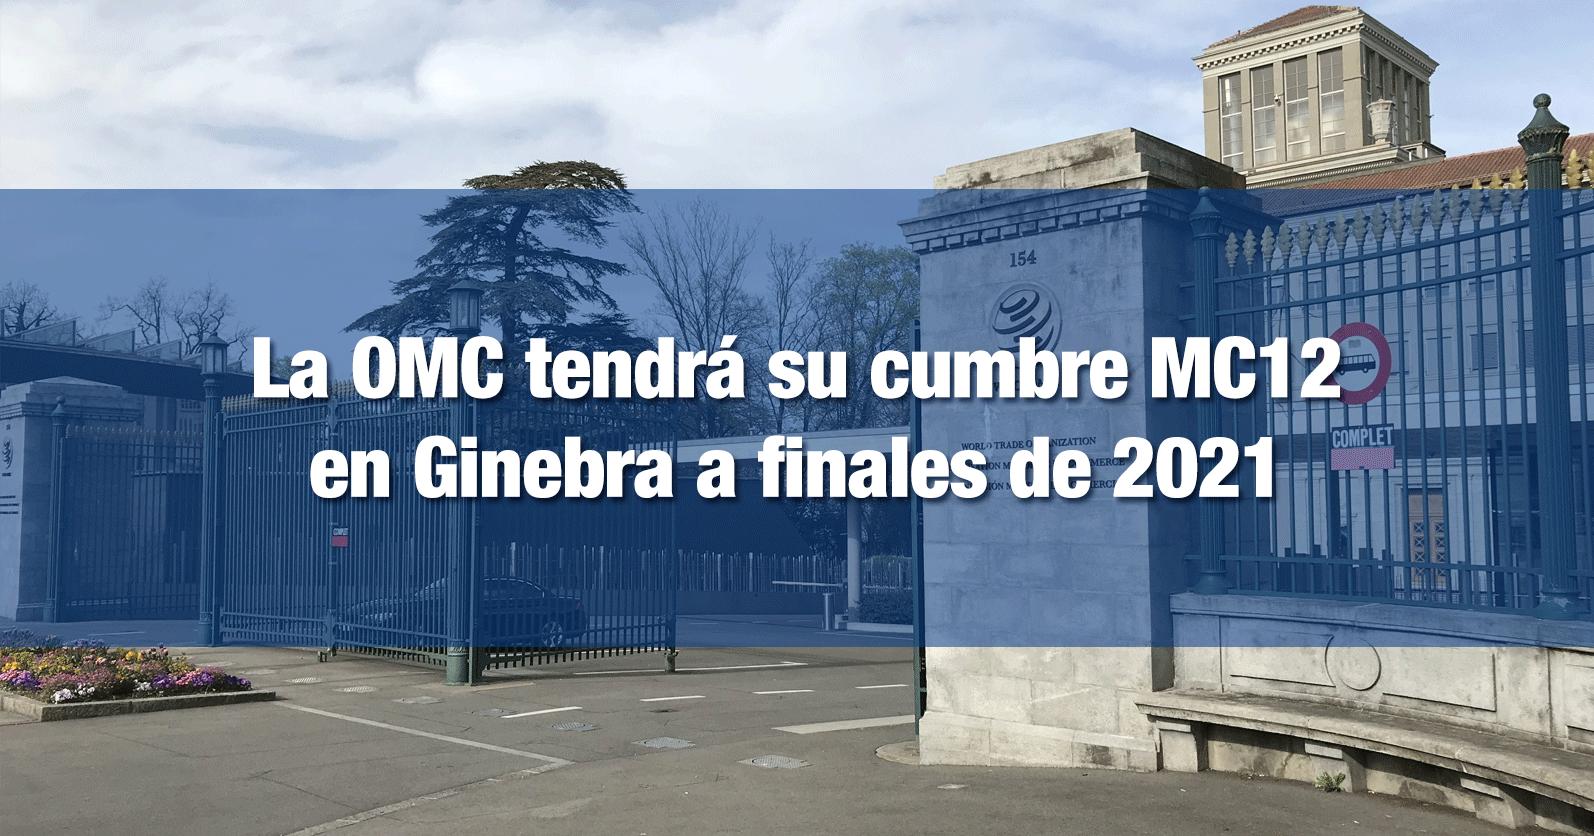 La OMC tendrá su cumbre MC12 en Ginebra a finales de 2021